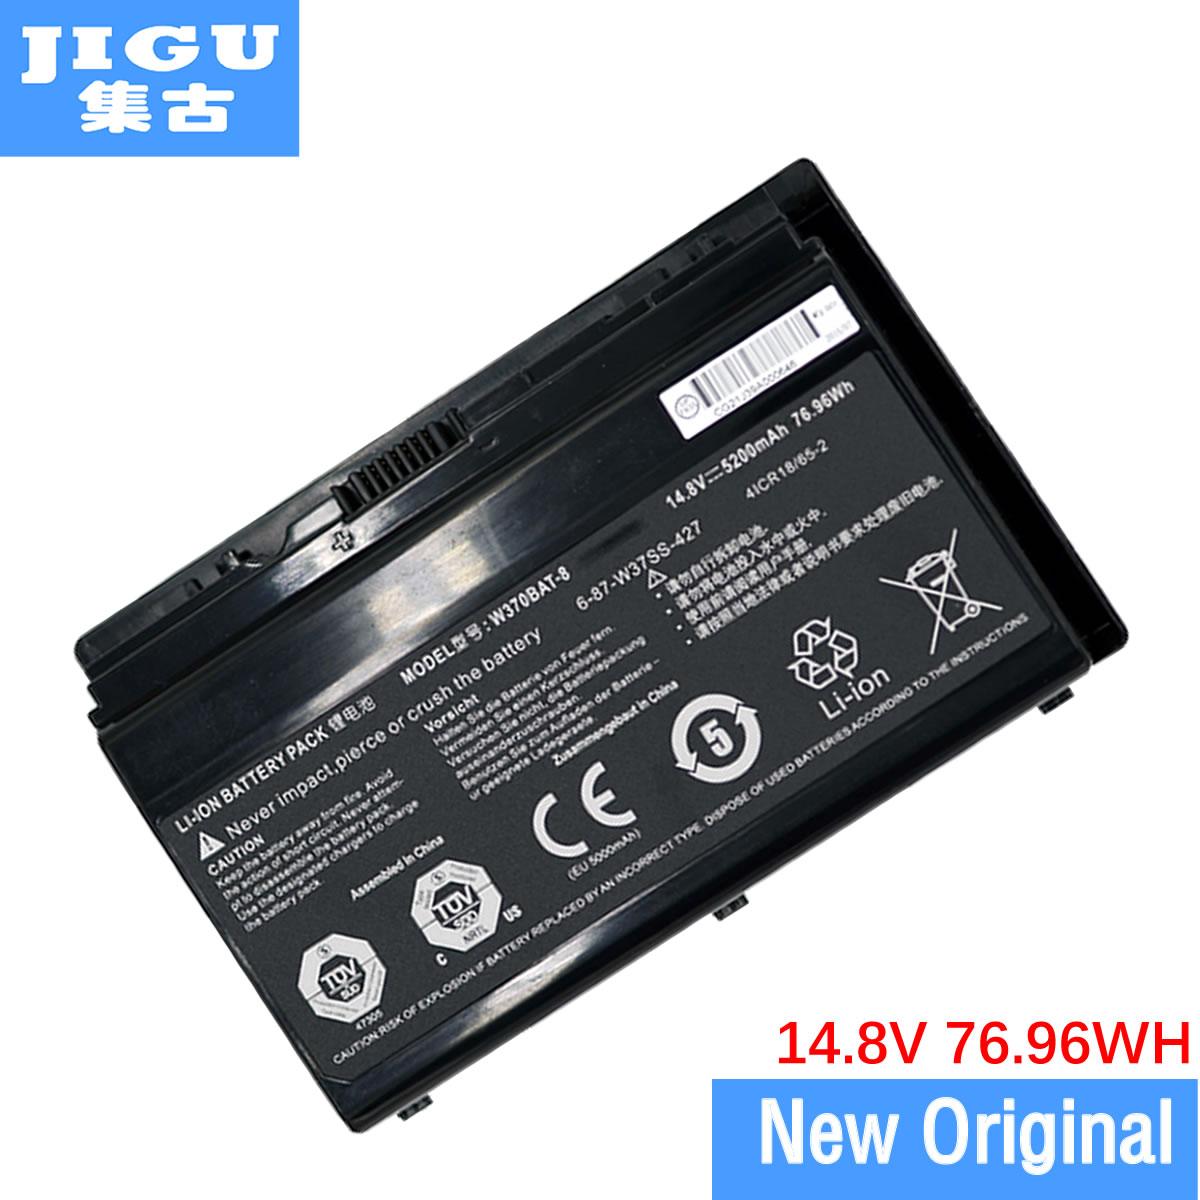 Здесь продается  JIGU W370bat-8 Battery For Clevo W350et W350etq W370et Sager Np6350 Np6370 Xmg A522 Xmg Xmg A722 6-87-w370s-4271  Компьютер & сеть